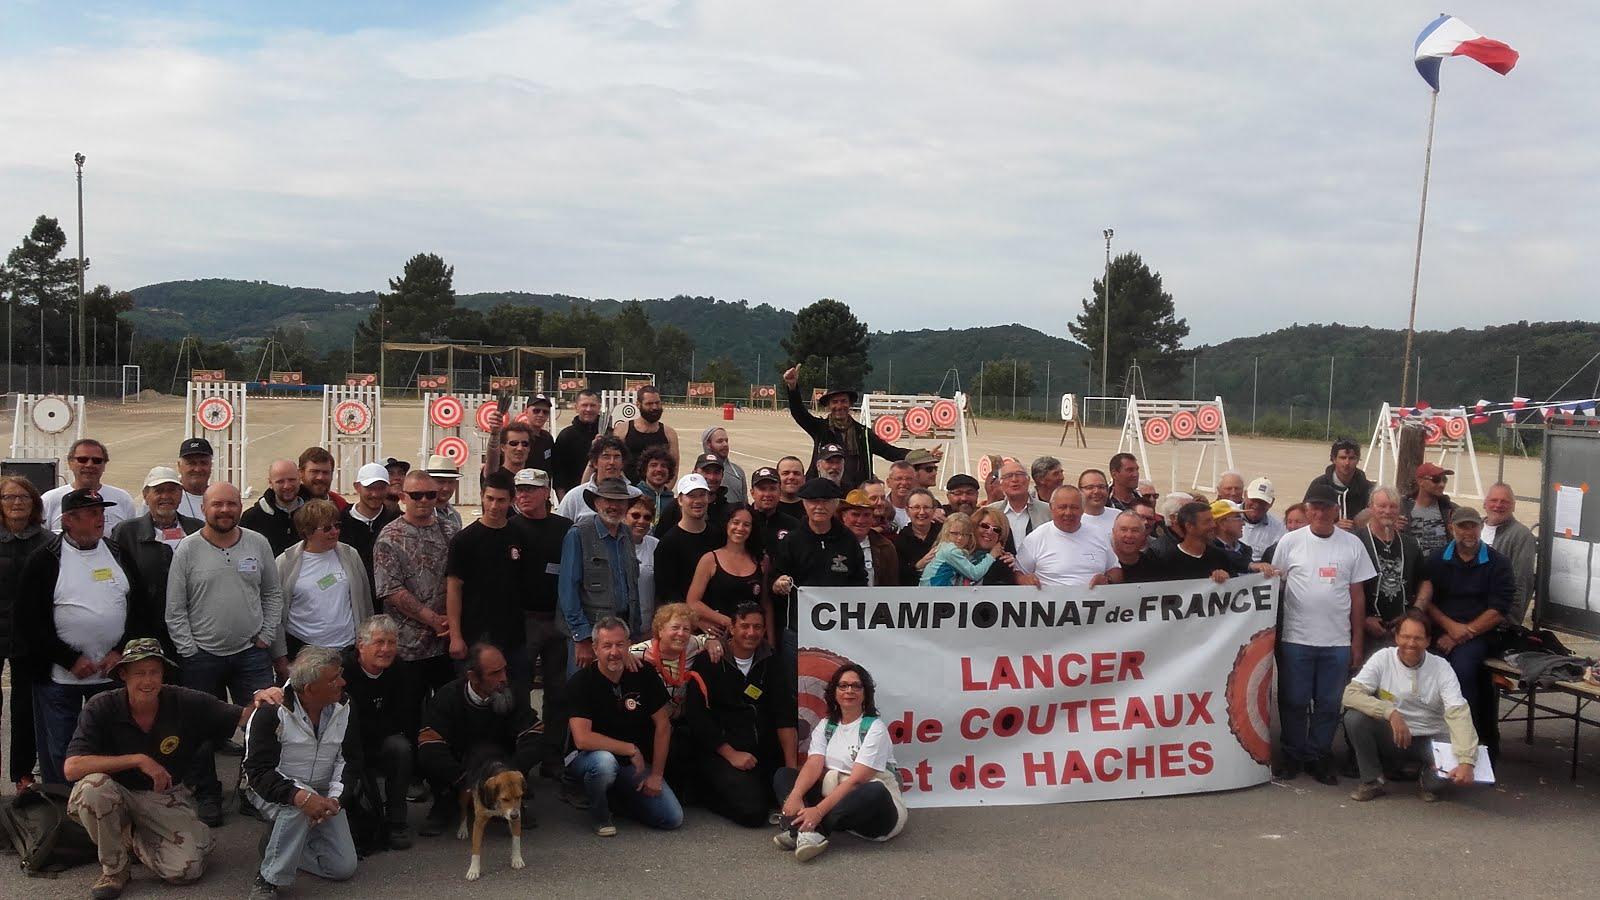 CHAMPIONNAT DE FRANCE 2016 TANNERON